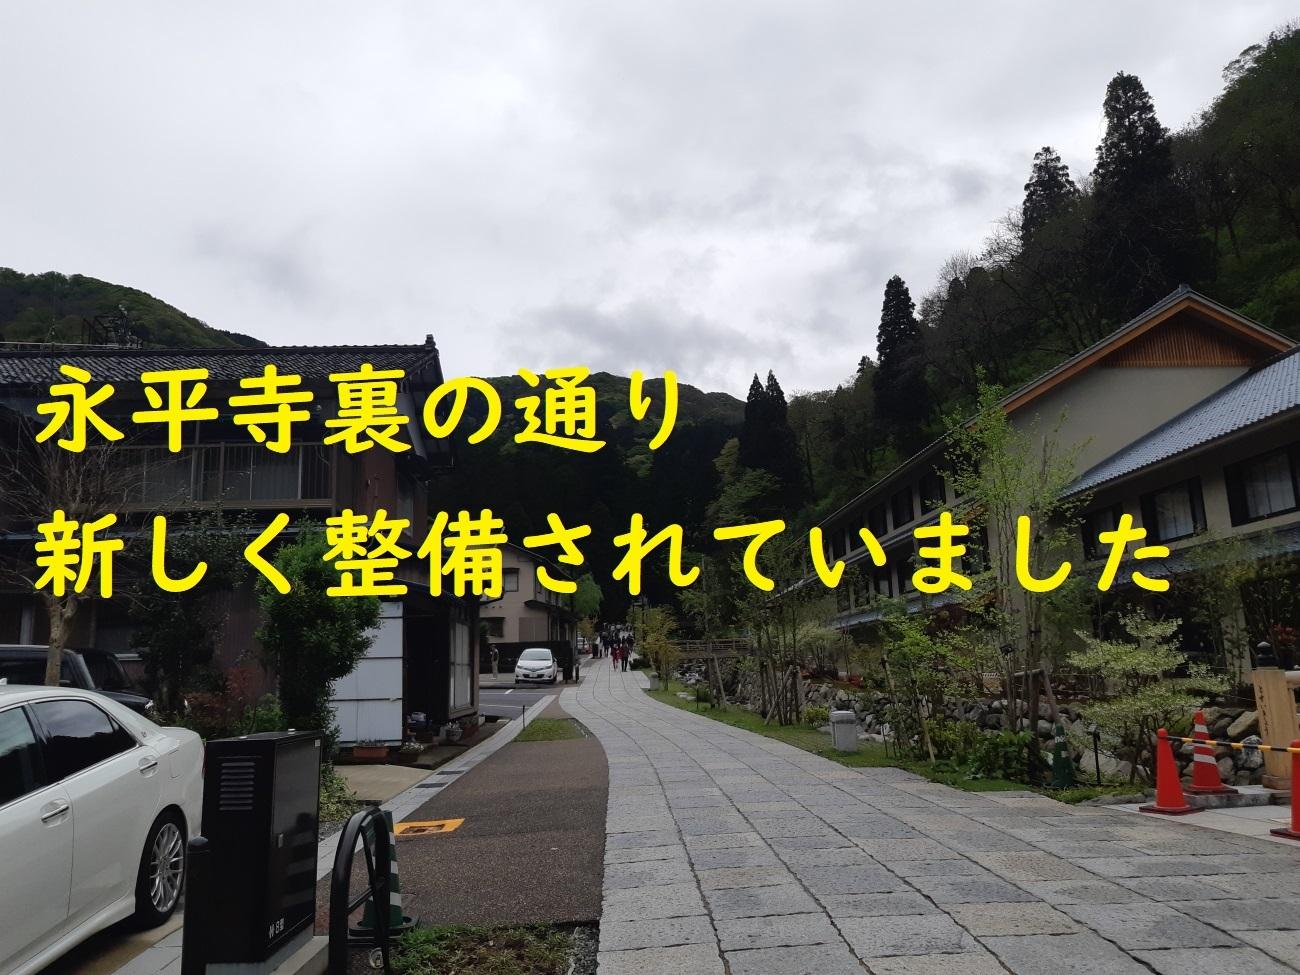 20190430_100130.jpg